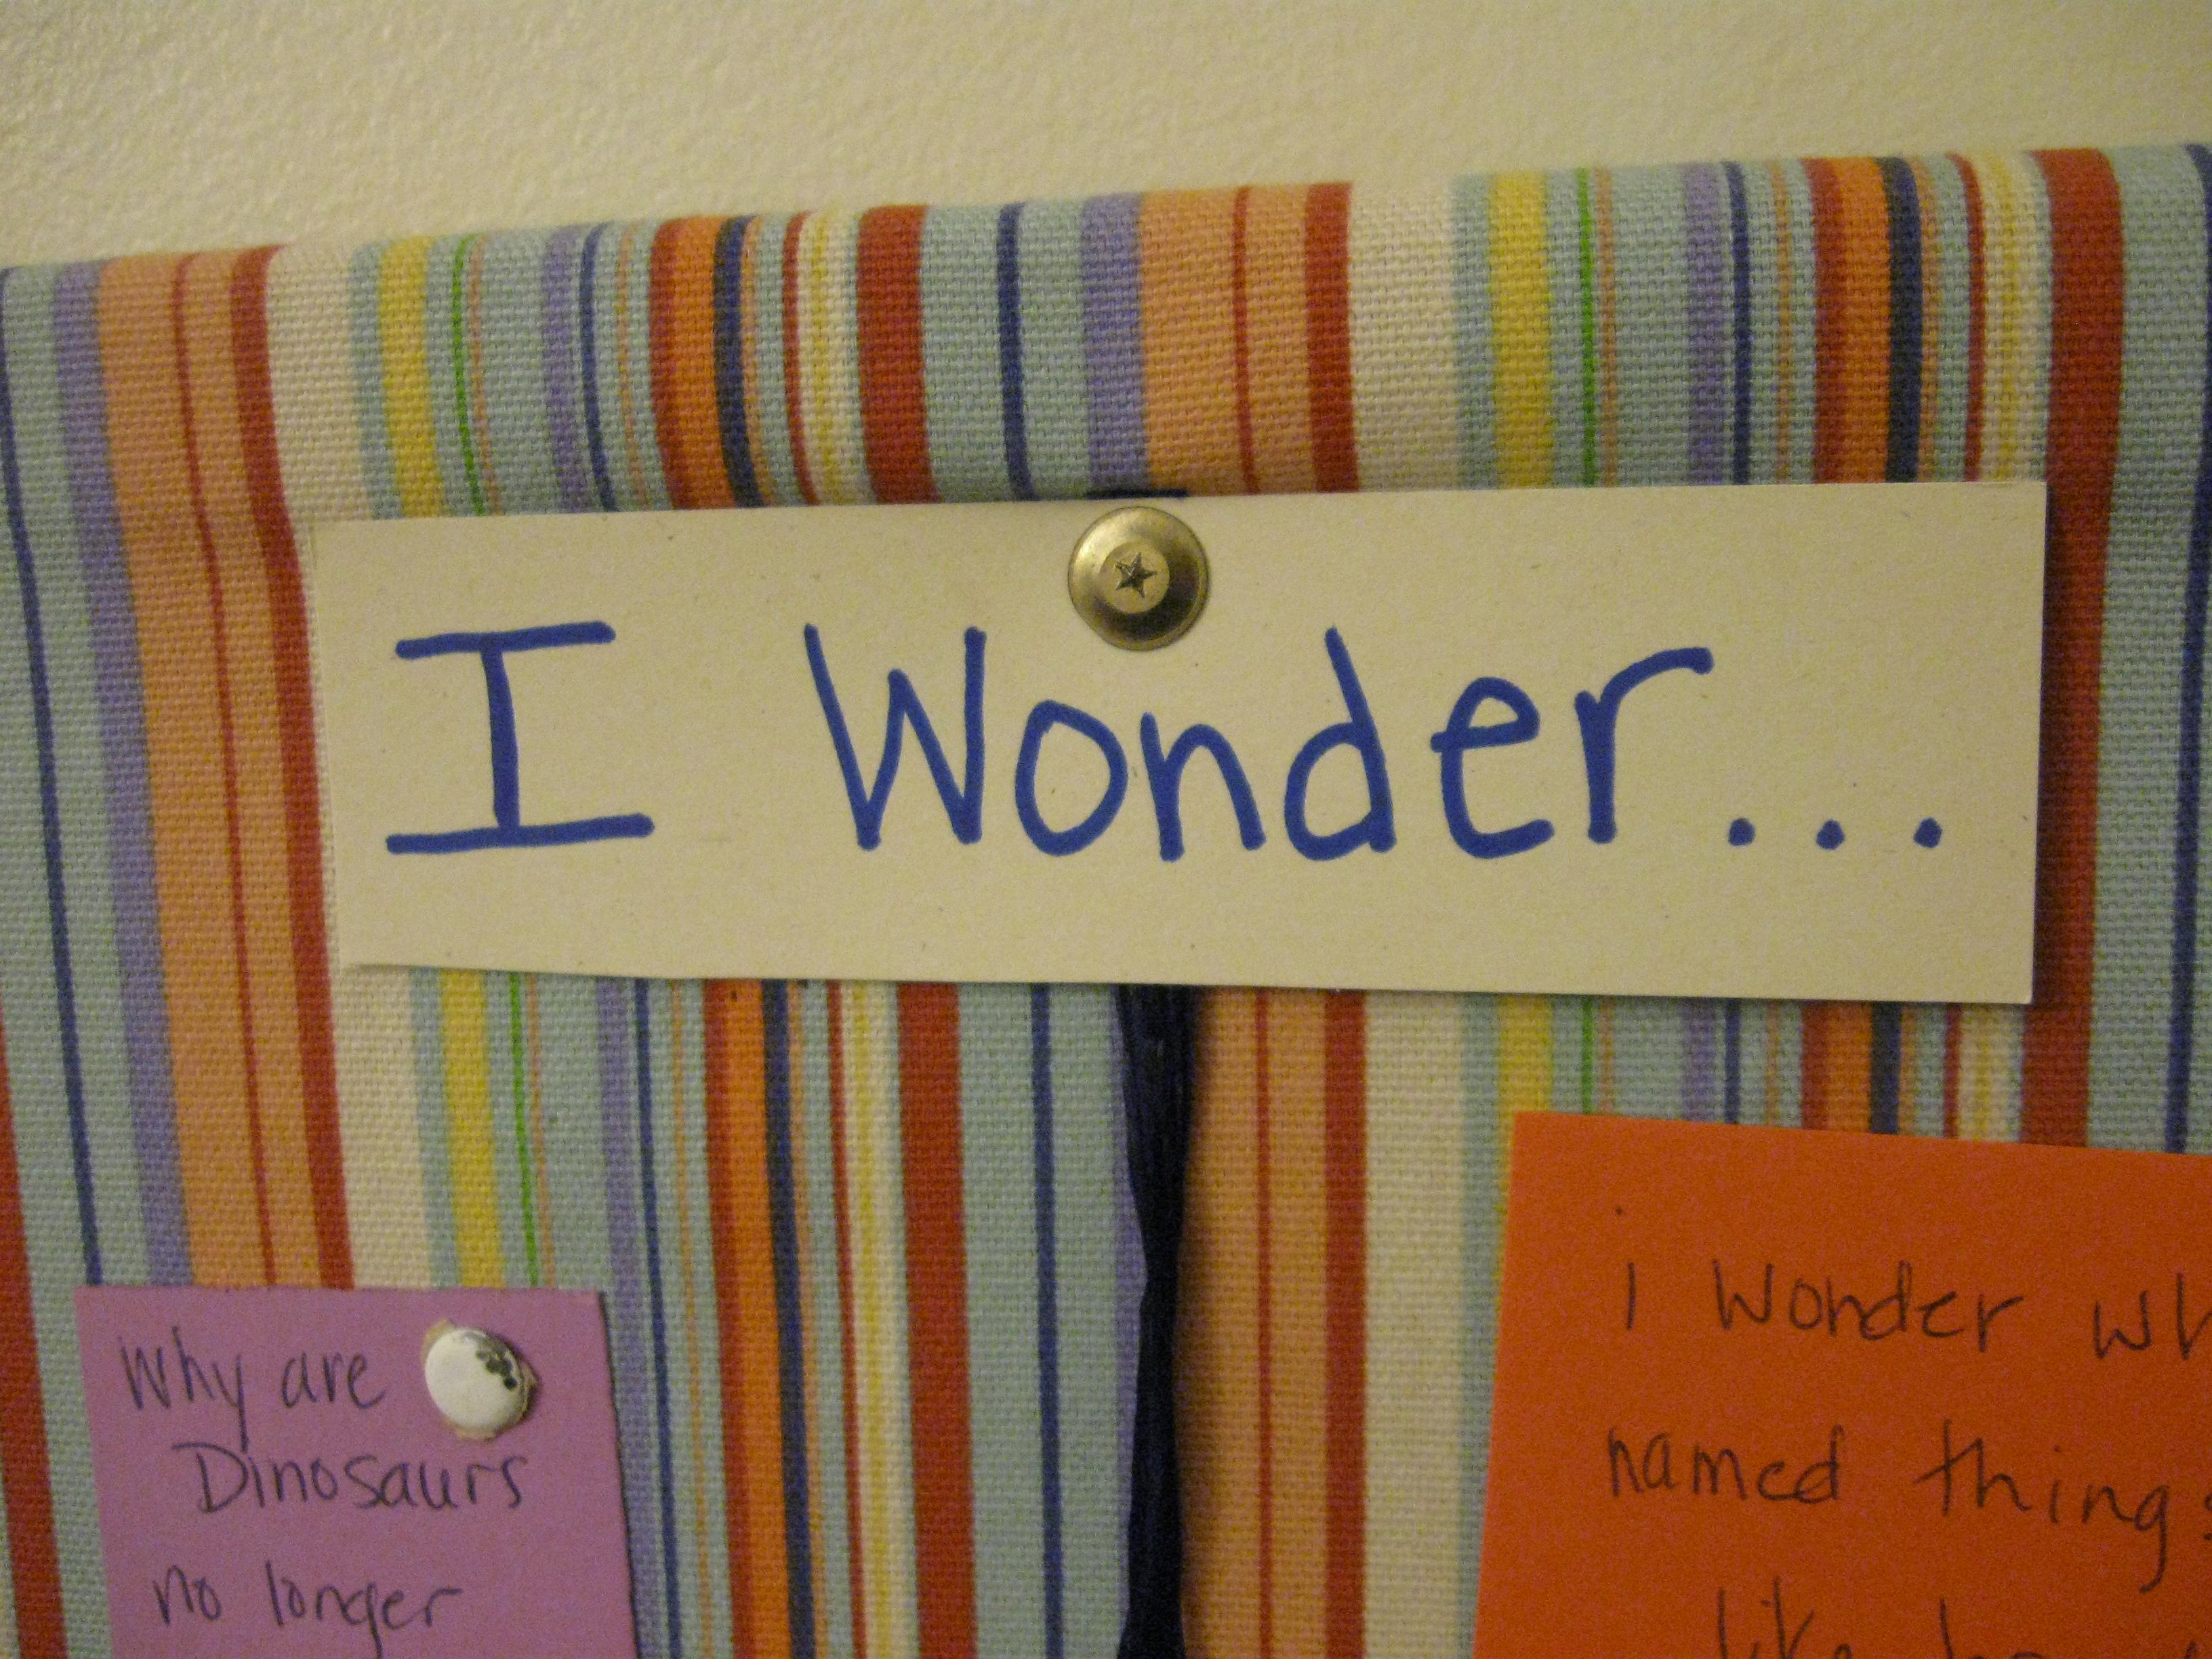 Instill a Sense of Wonder, Curiosity